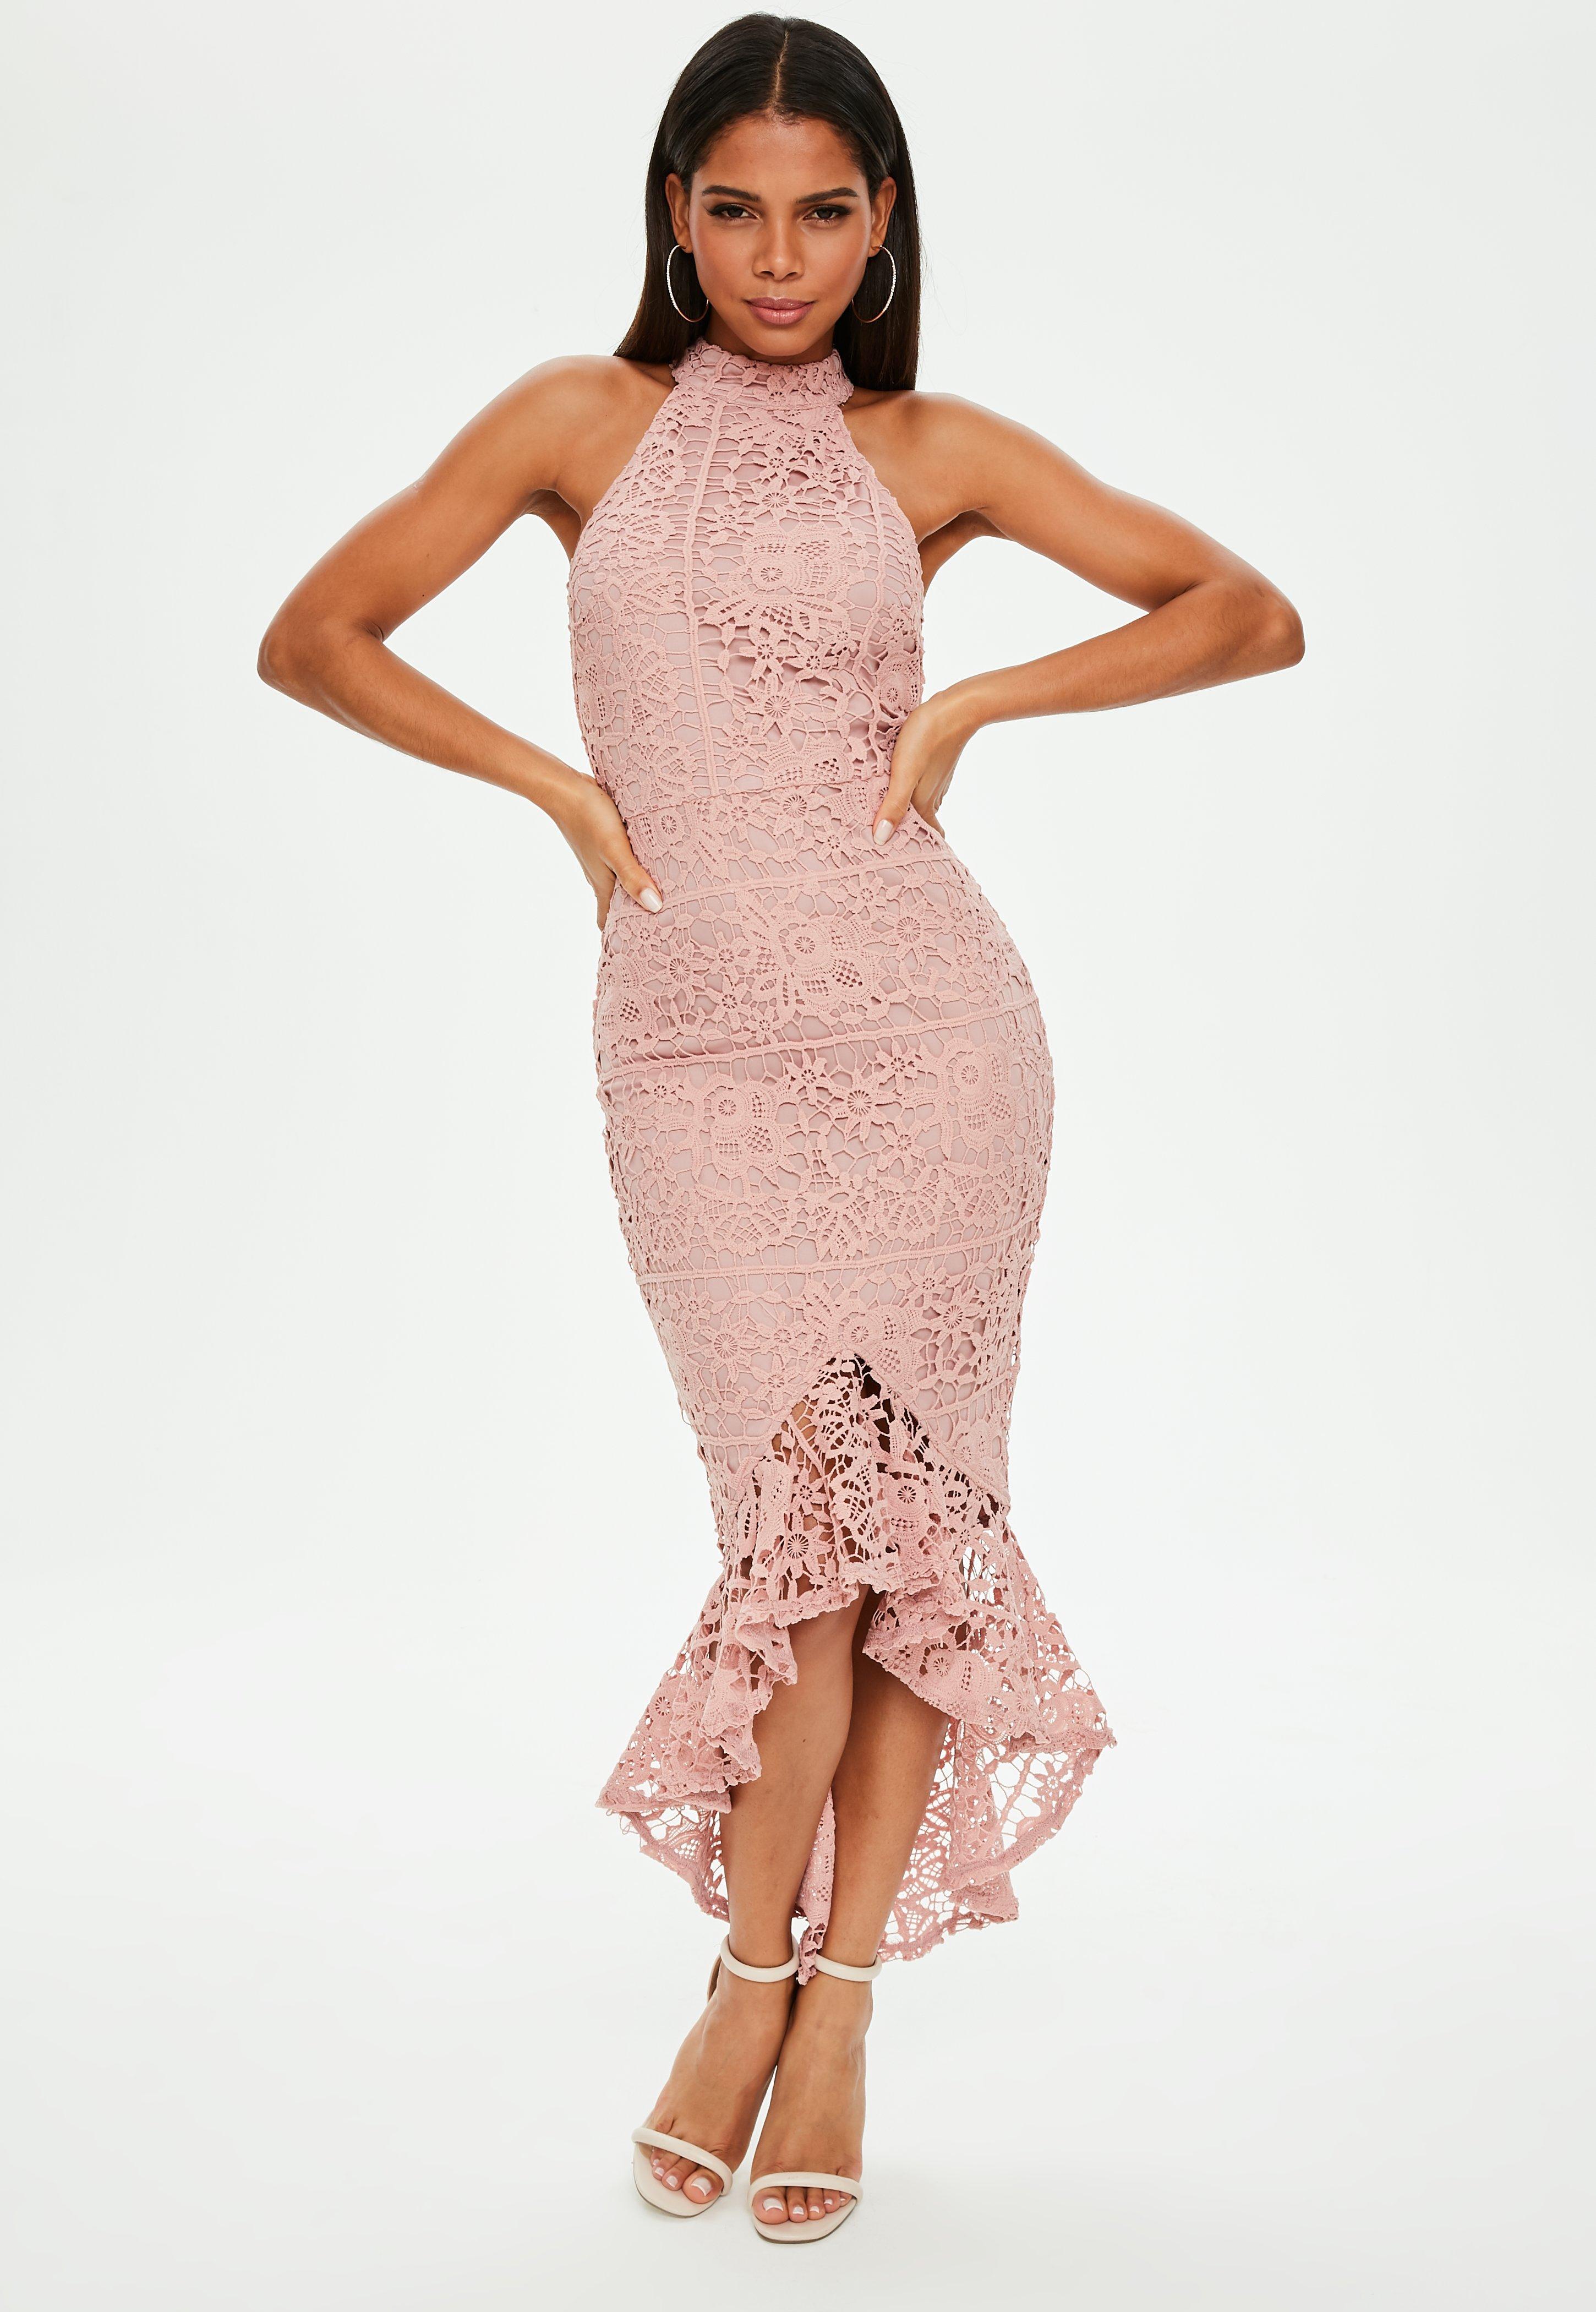 Erfreut Brautkleid Geschäfte South Wales Bilder - Hochzeit Kleid ...